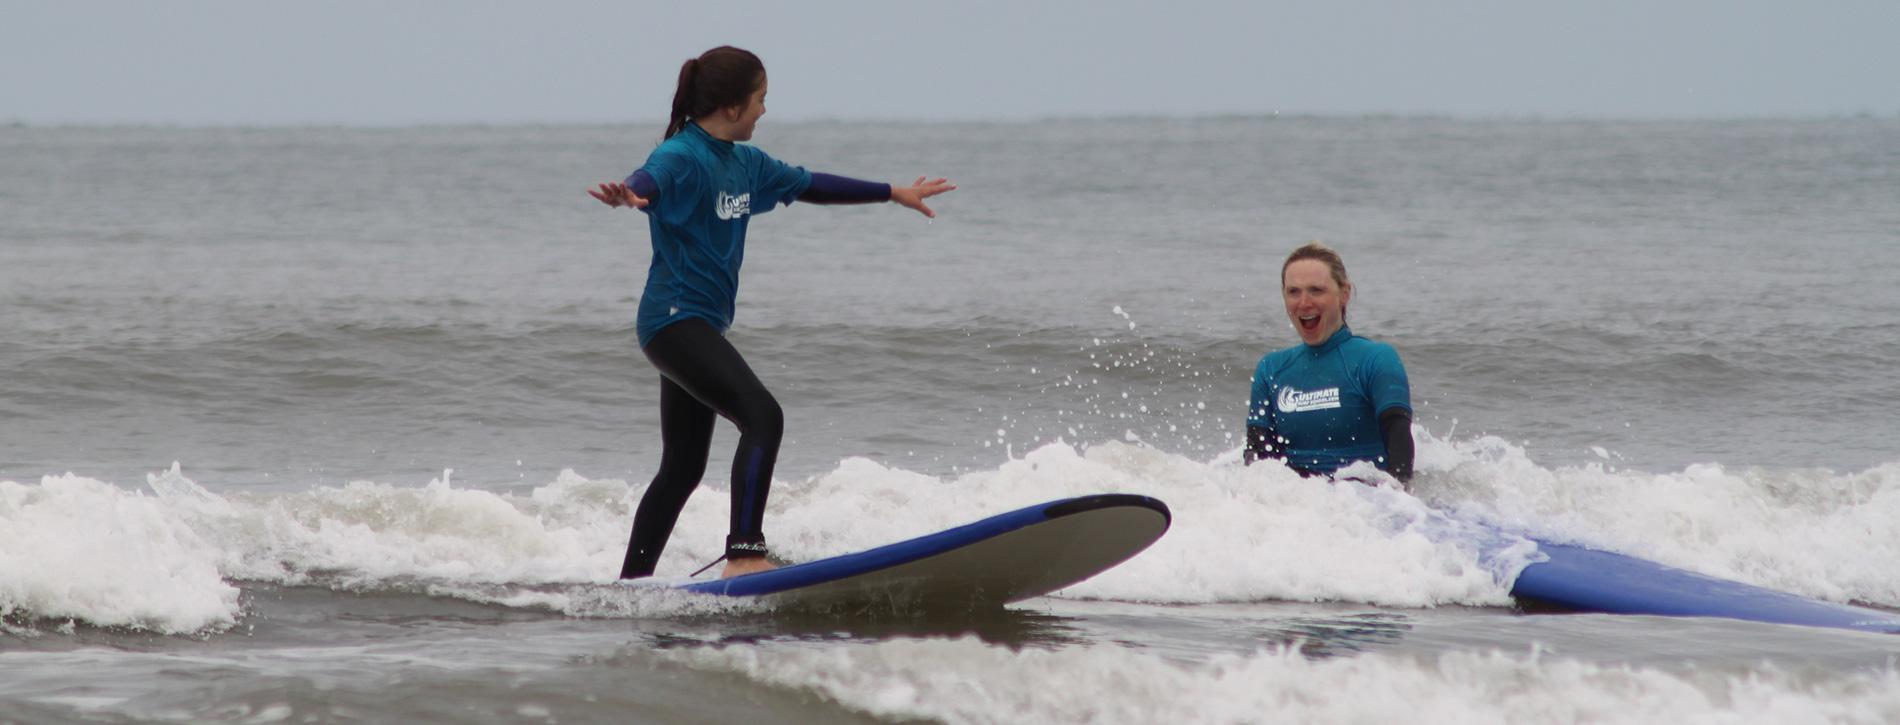 header-surf2